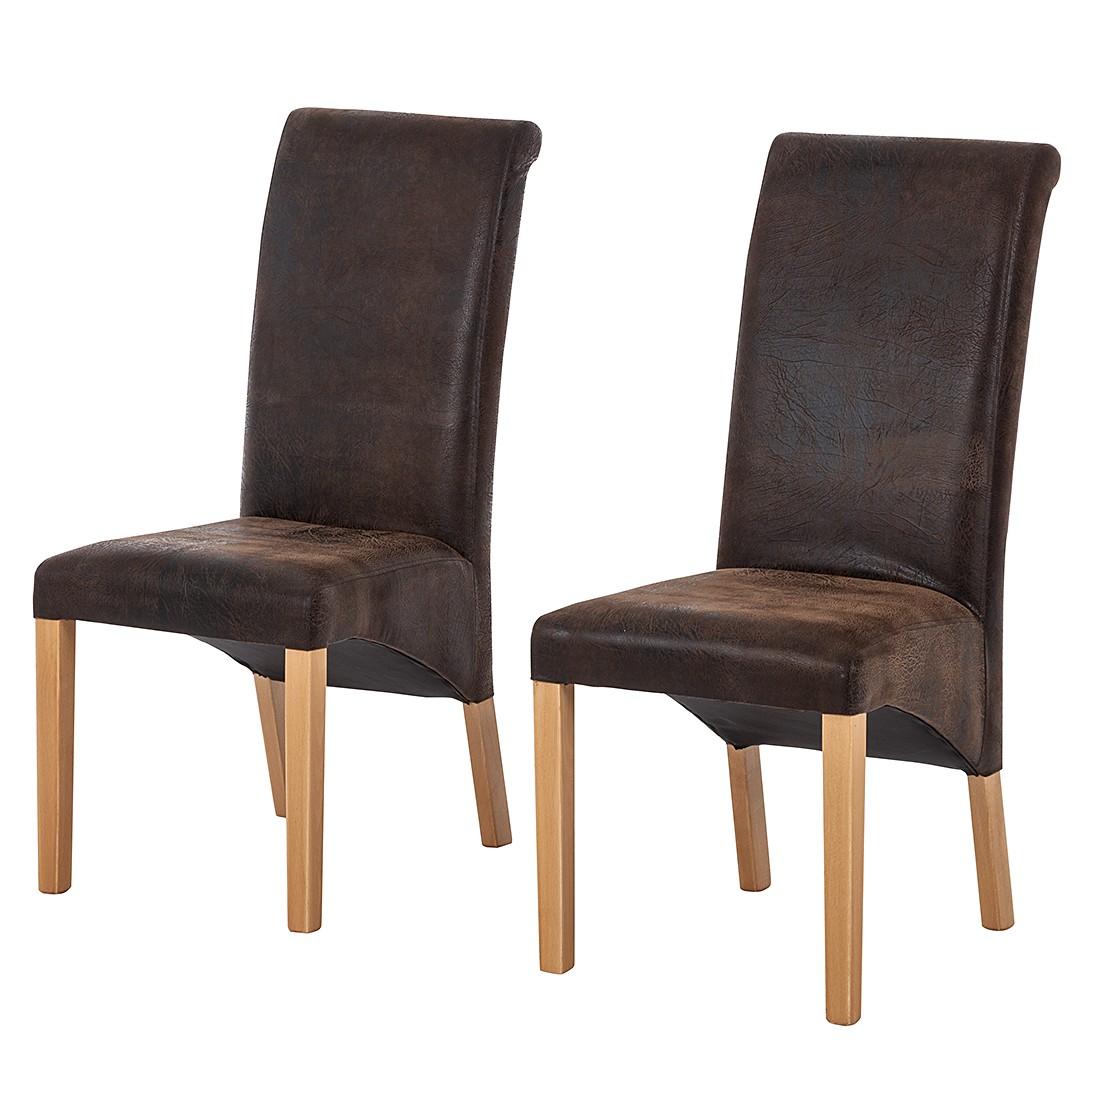 Eetkamerstoelen Jörn (2-delige set) - antiek bruin kunstleer/beukenhout, Fredriks